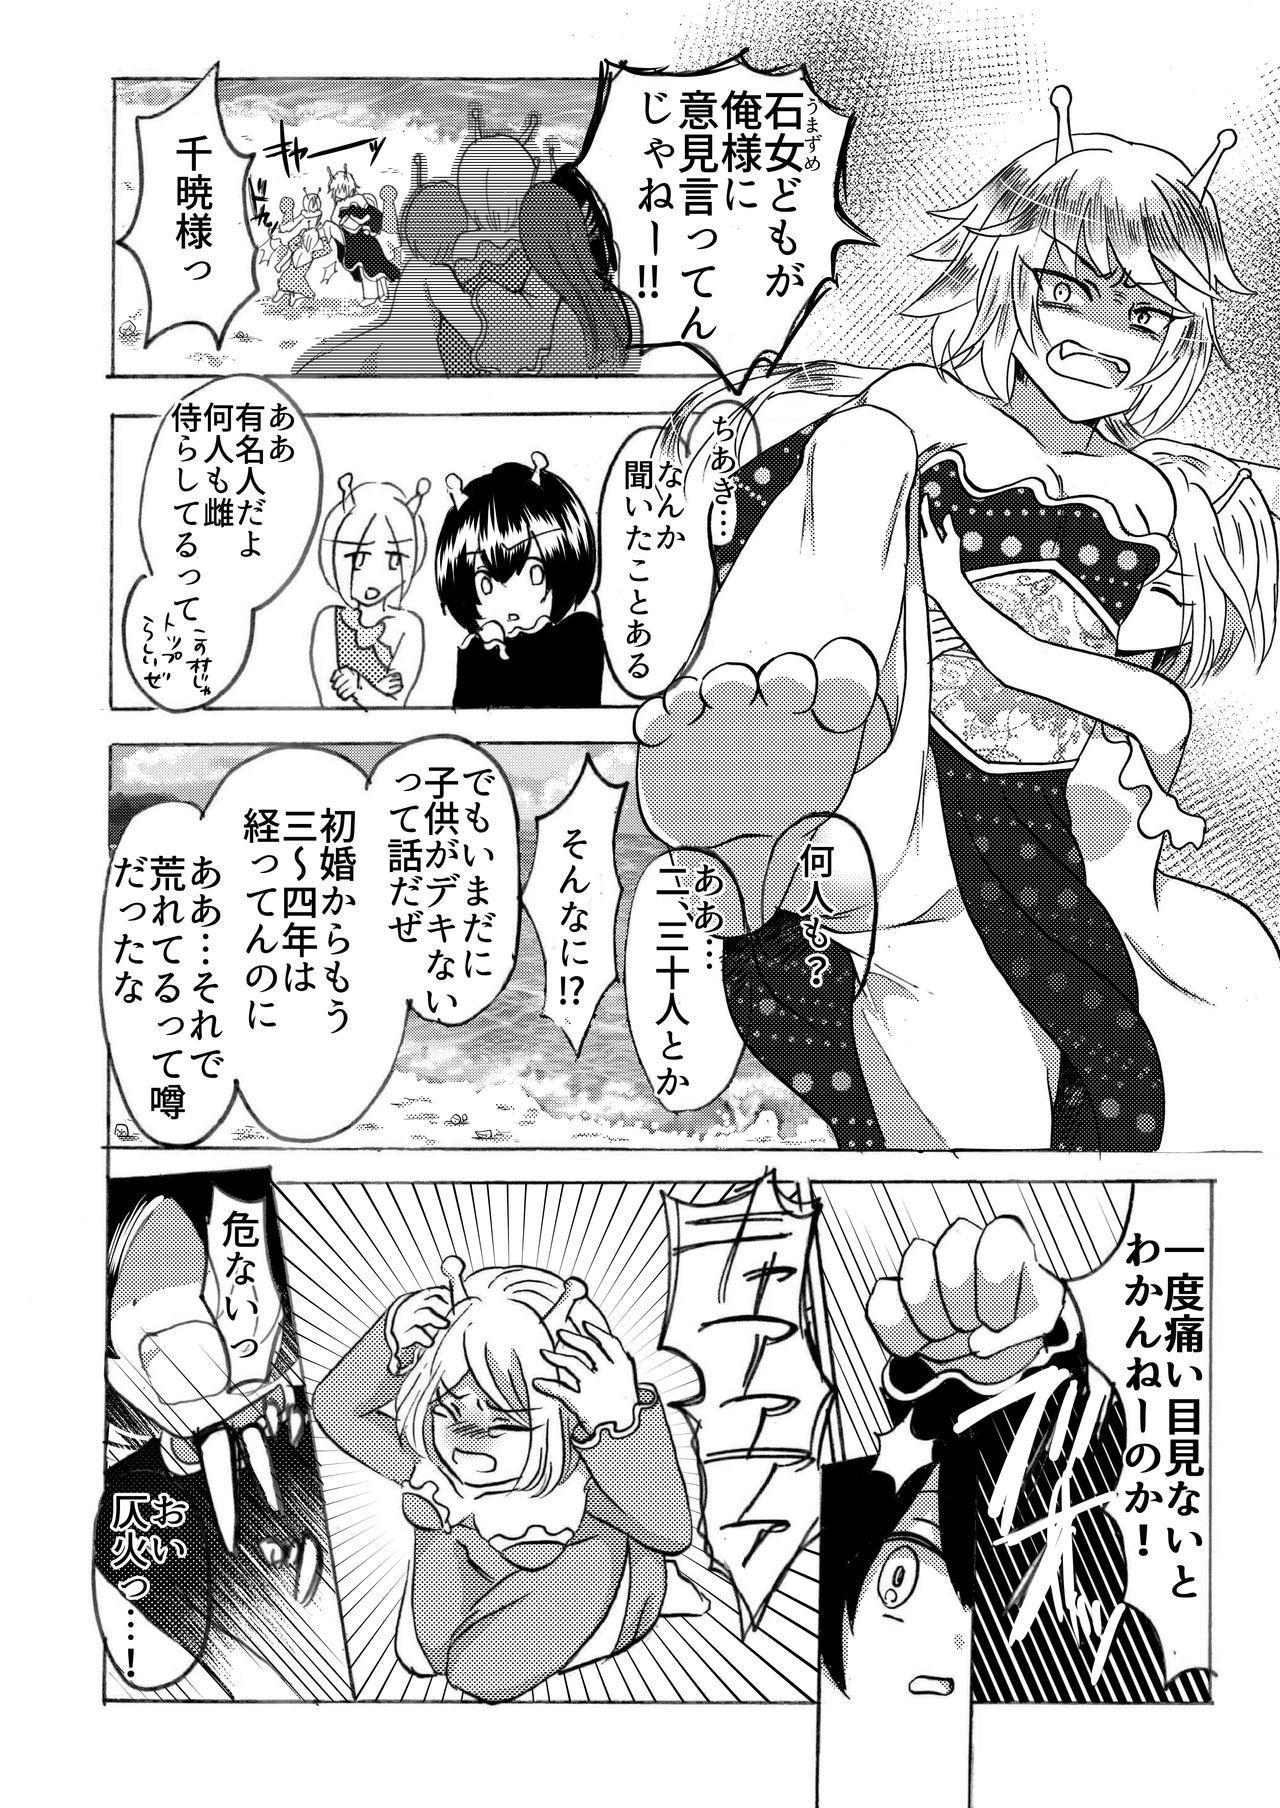 Hira-zoku no Hanashi 6